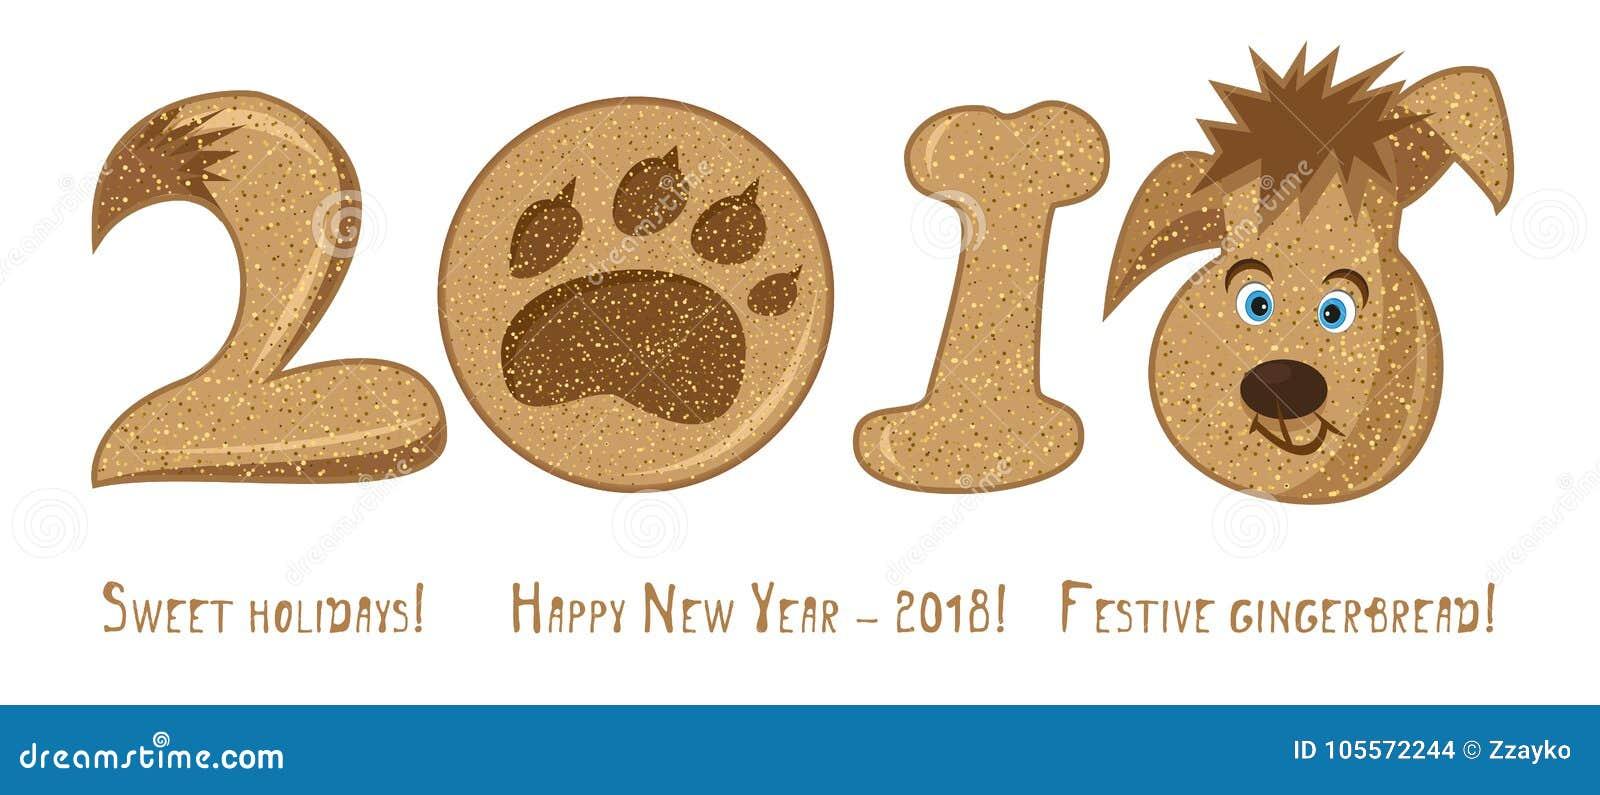 Dessin De Signe Chinois 2018 chien de personnage de dessin animé, signe chinois de zodiaque